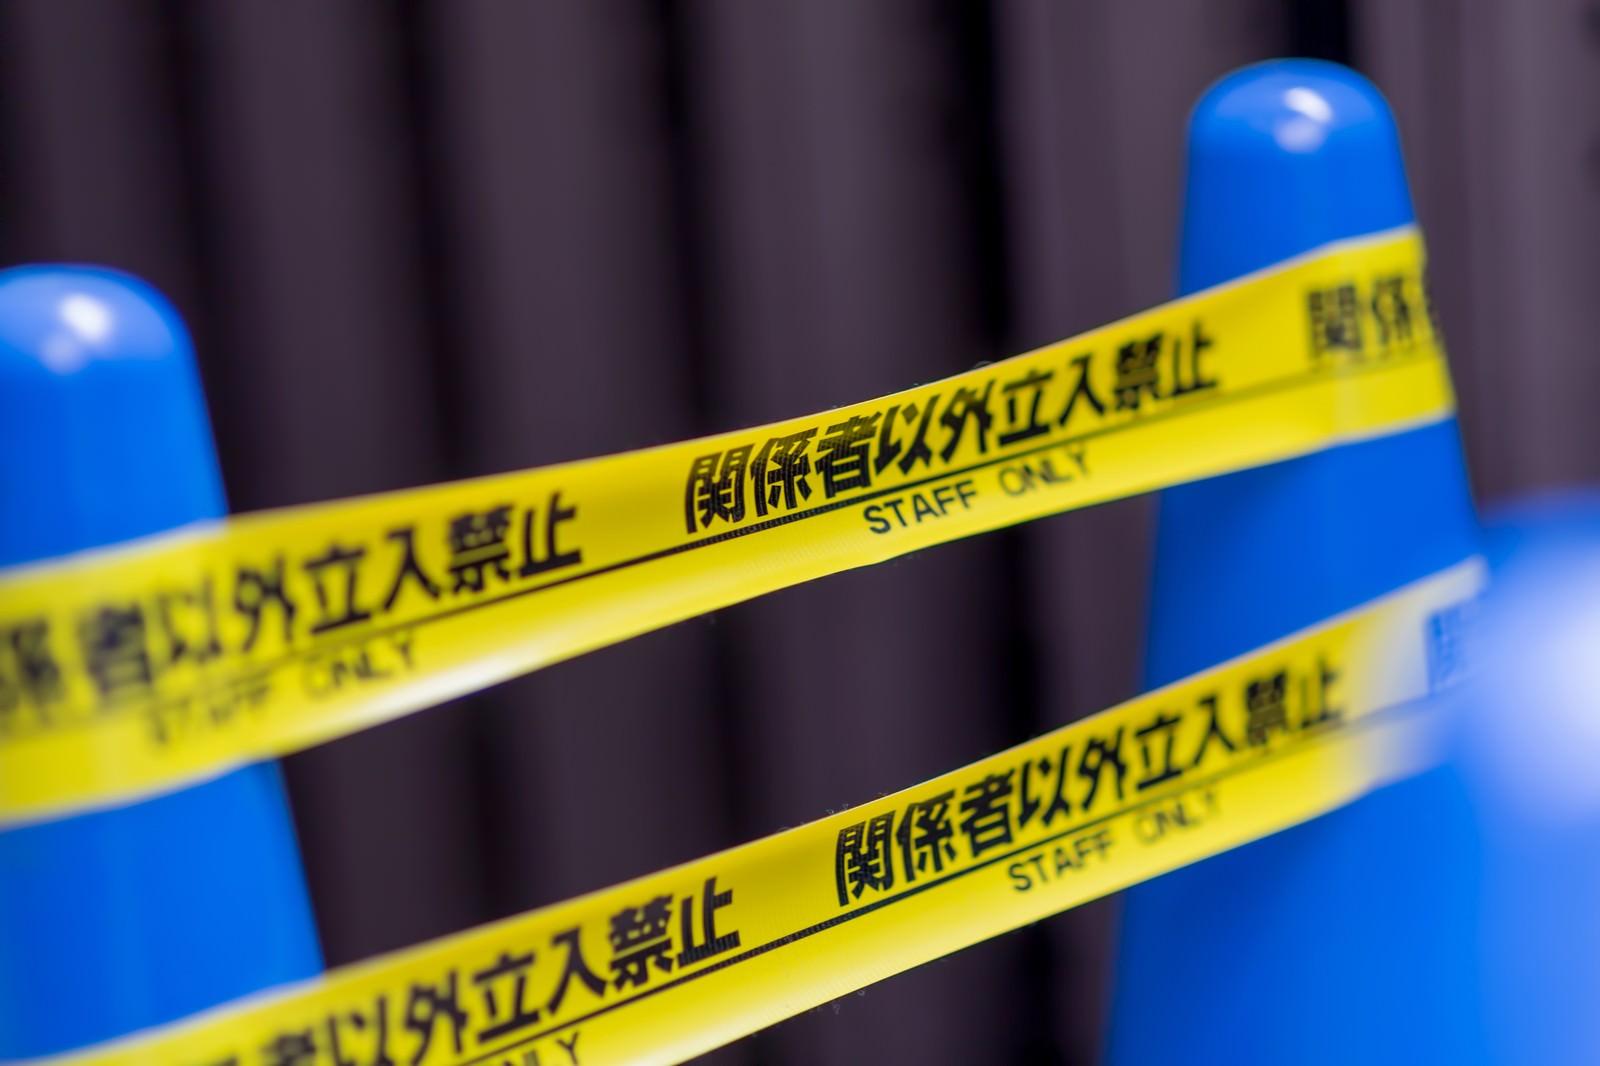 「関係者以外立ち入り禁止」の写真